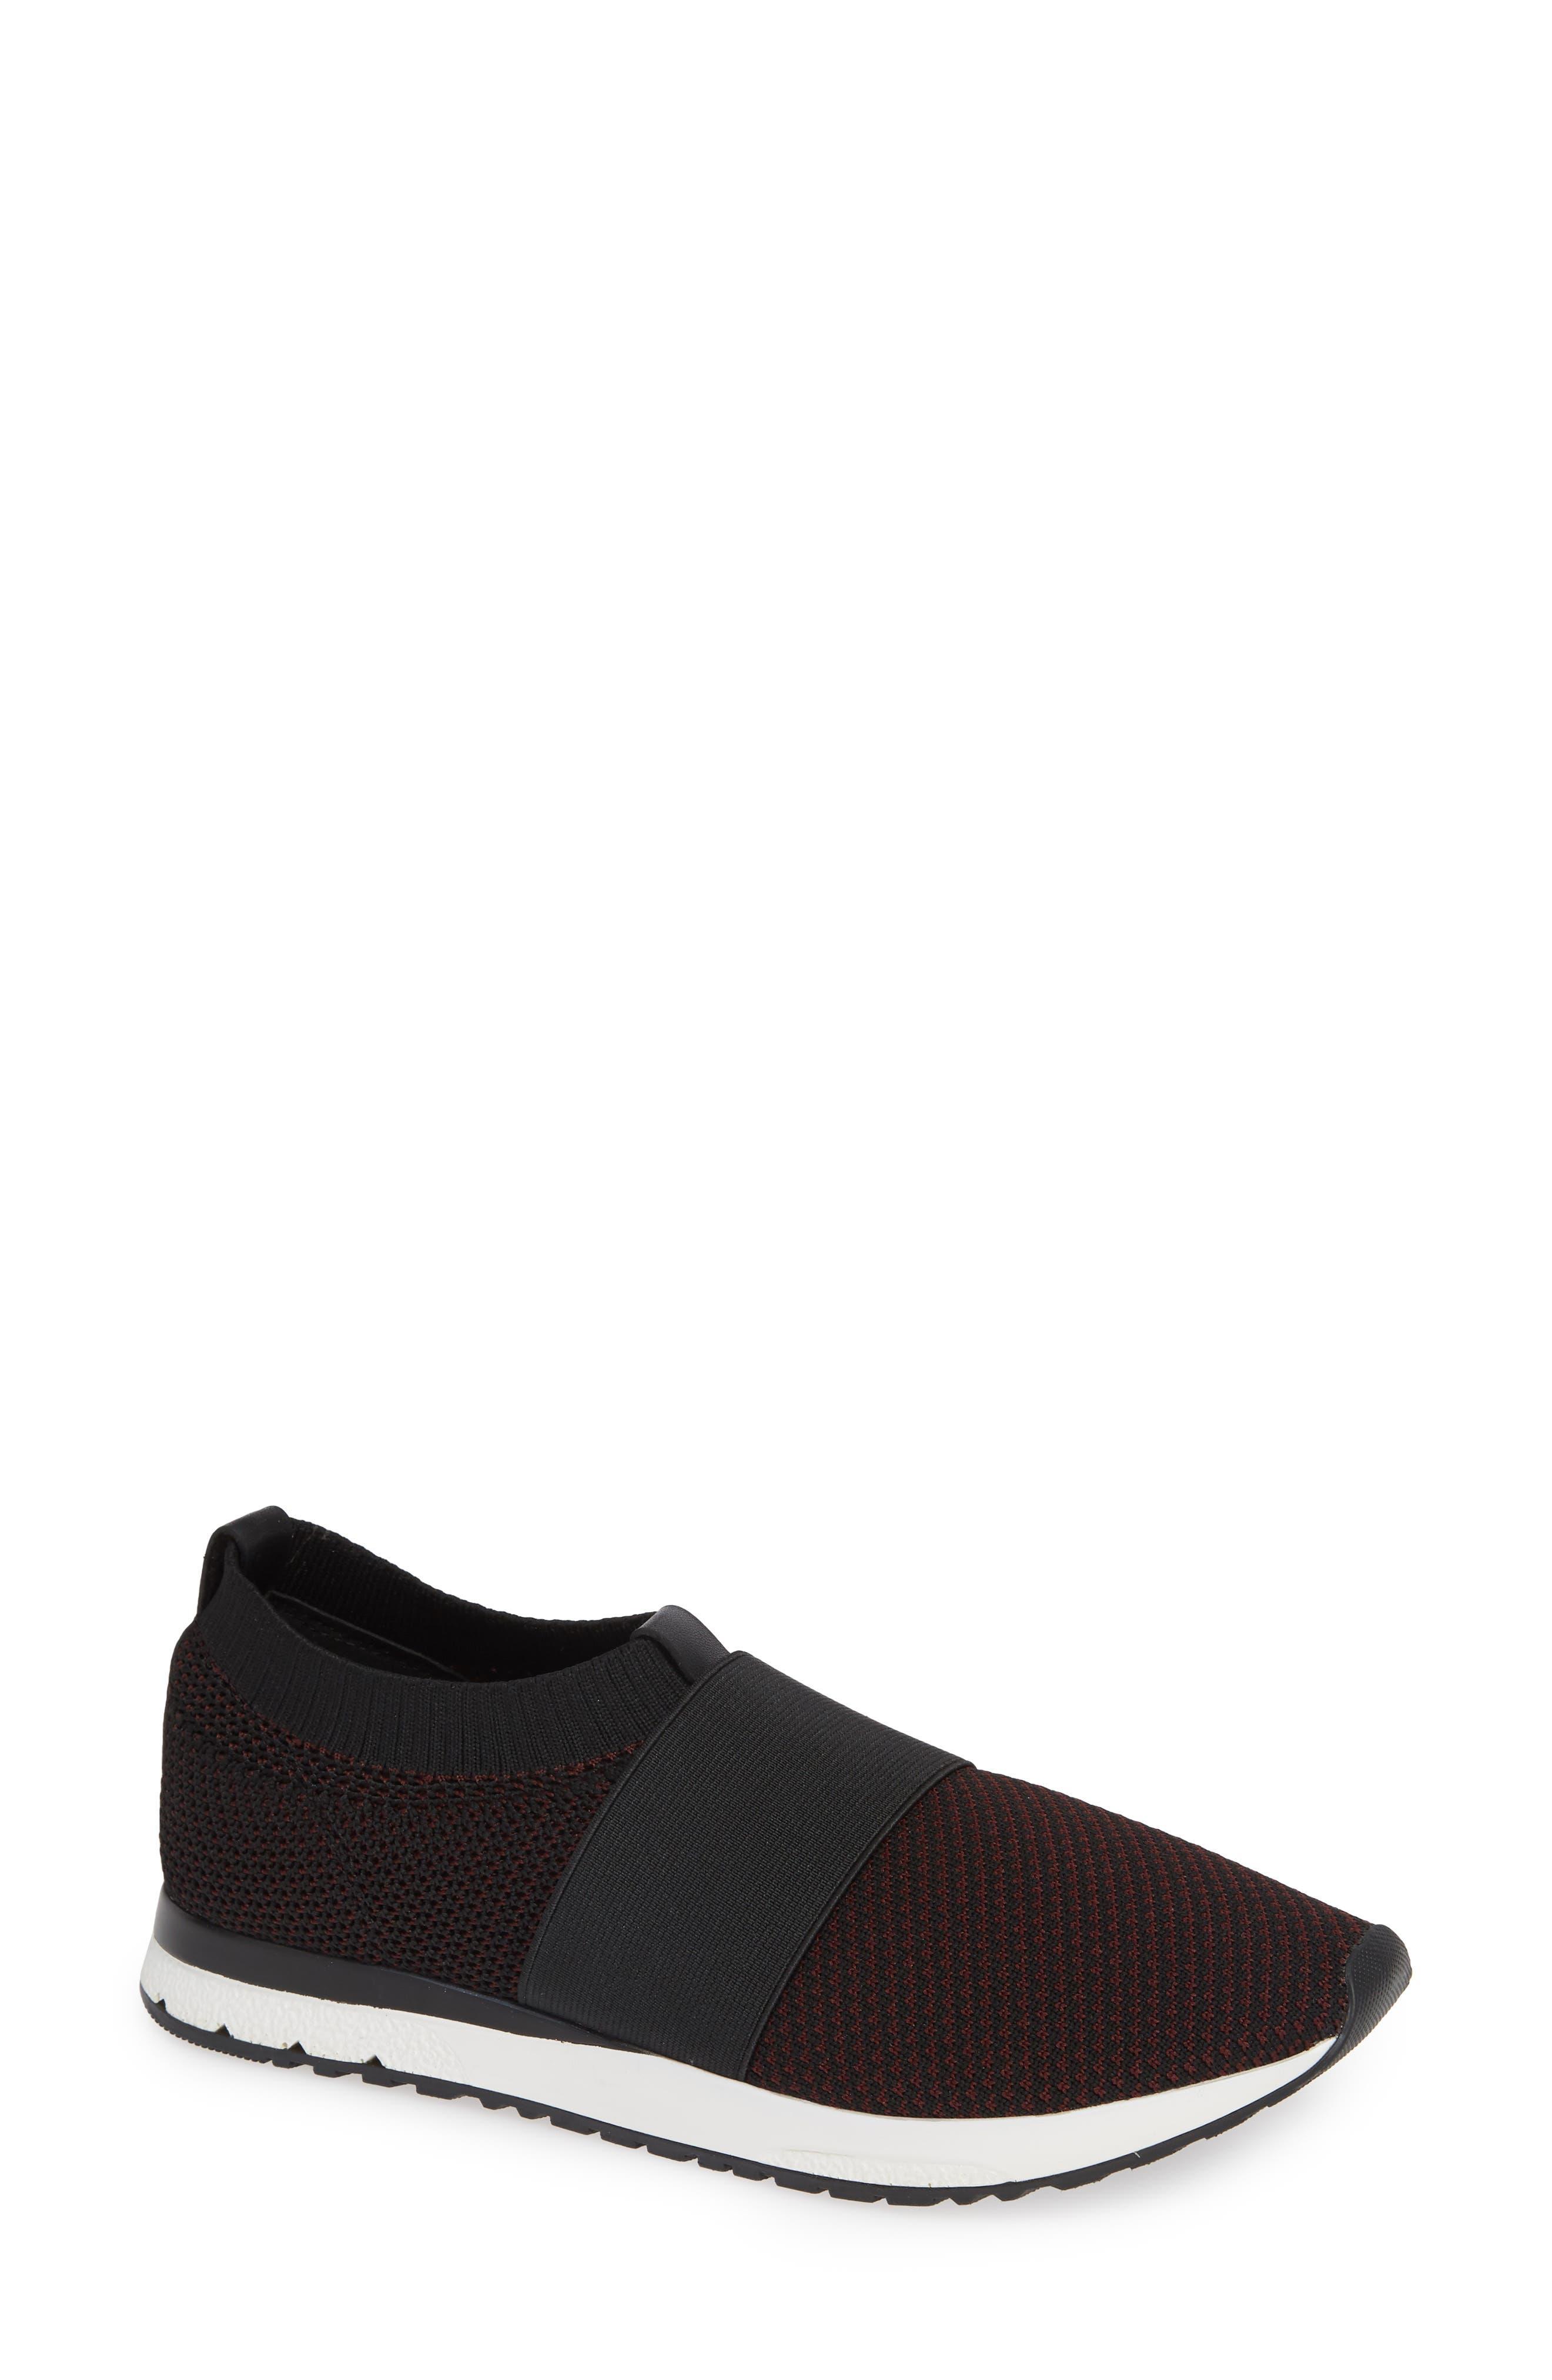 Brooke Slip-On Sneaker,                             Main thumbnail 1, color,                             Black/ Wine Knit Fabric